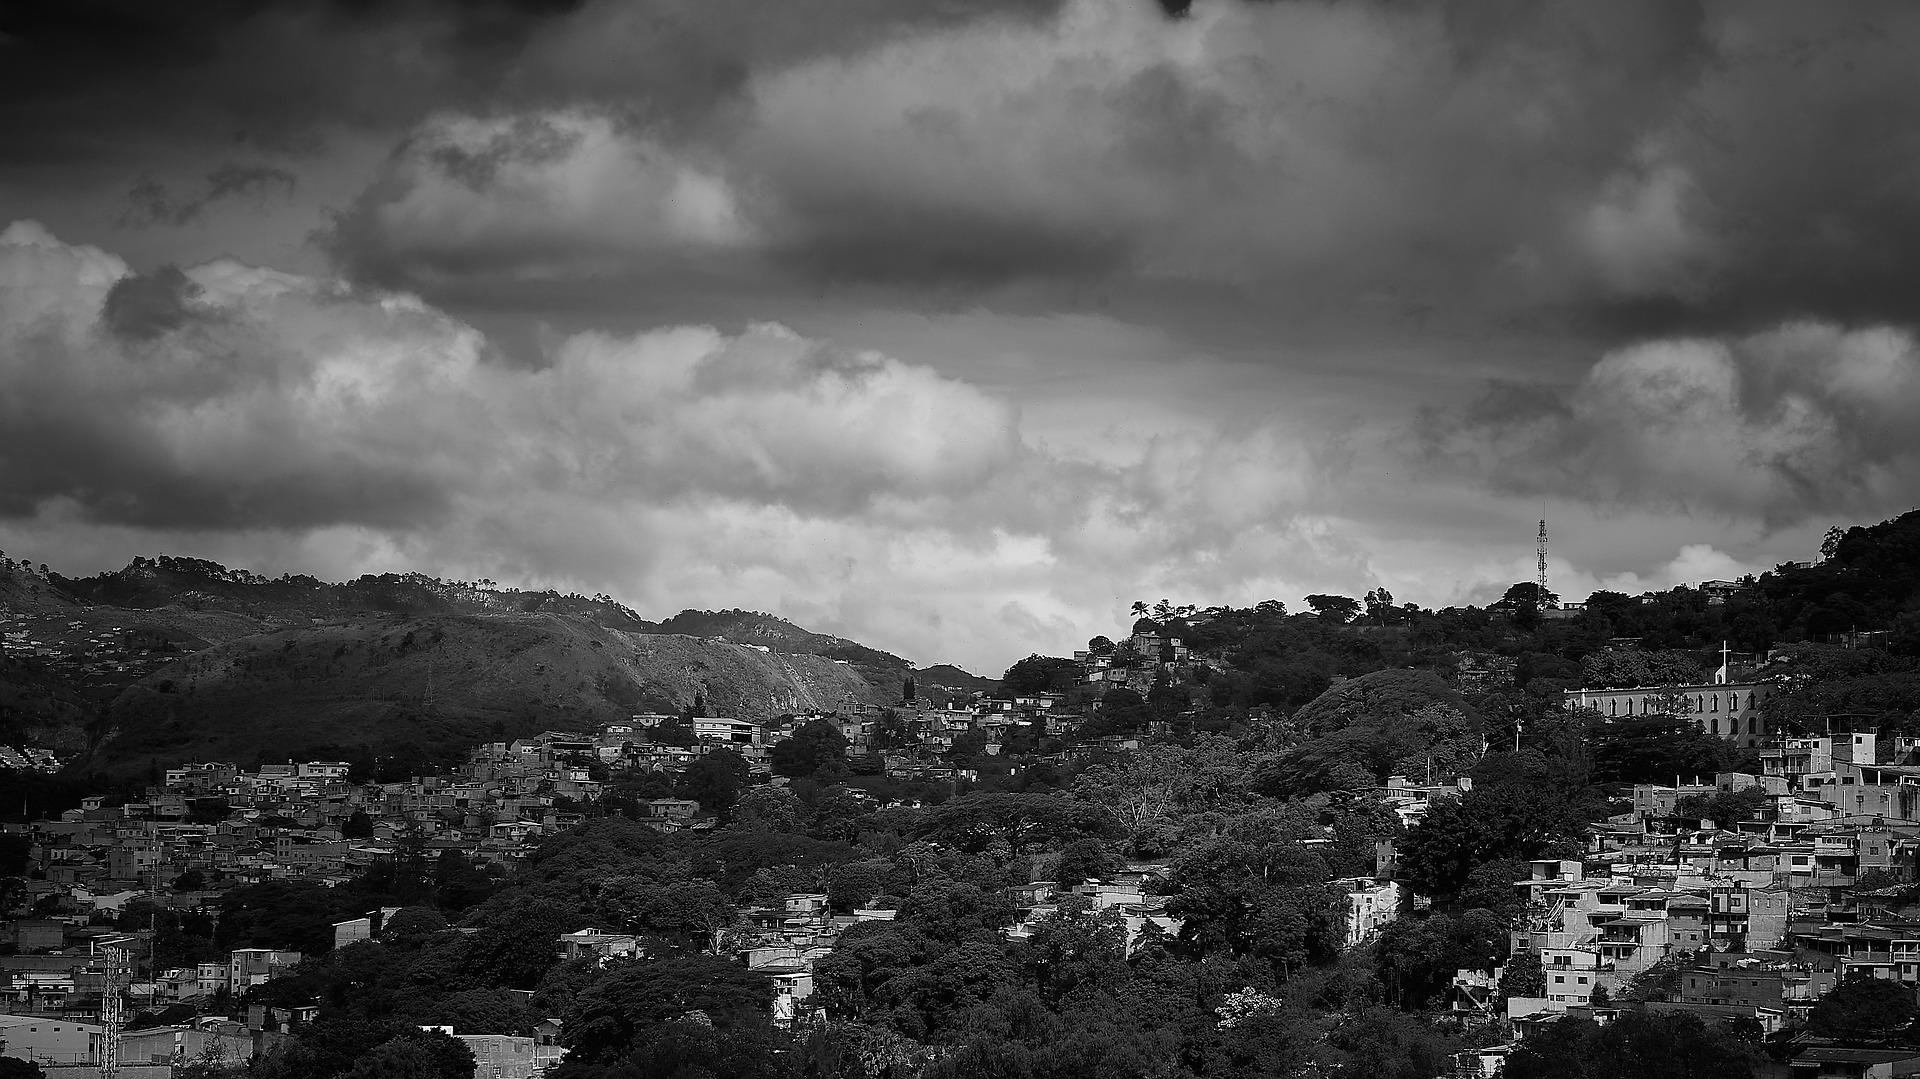 tegucigalpa-4489883_1920